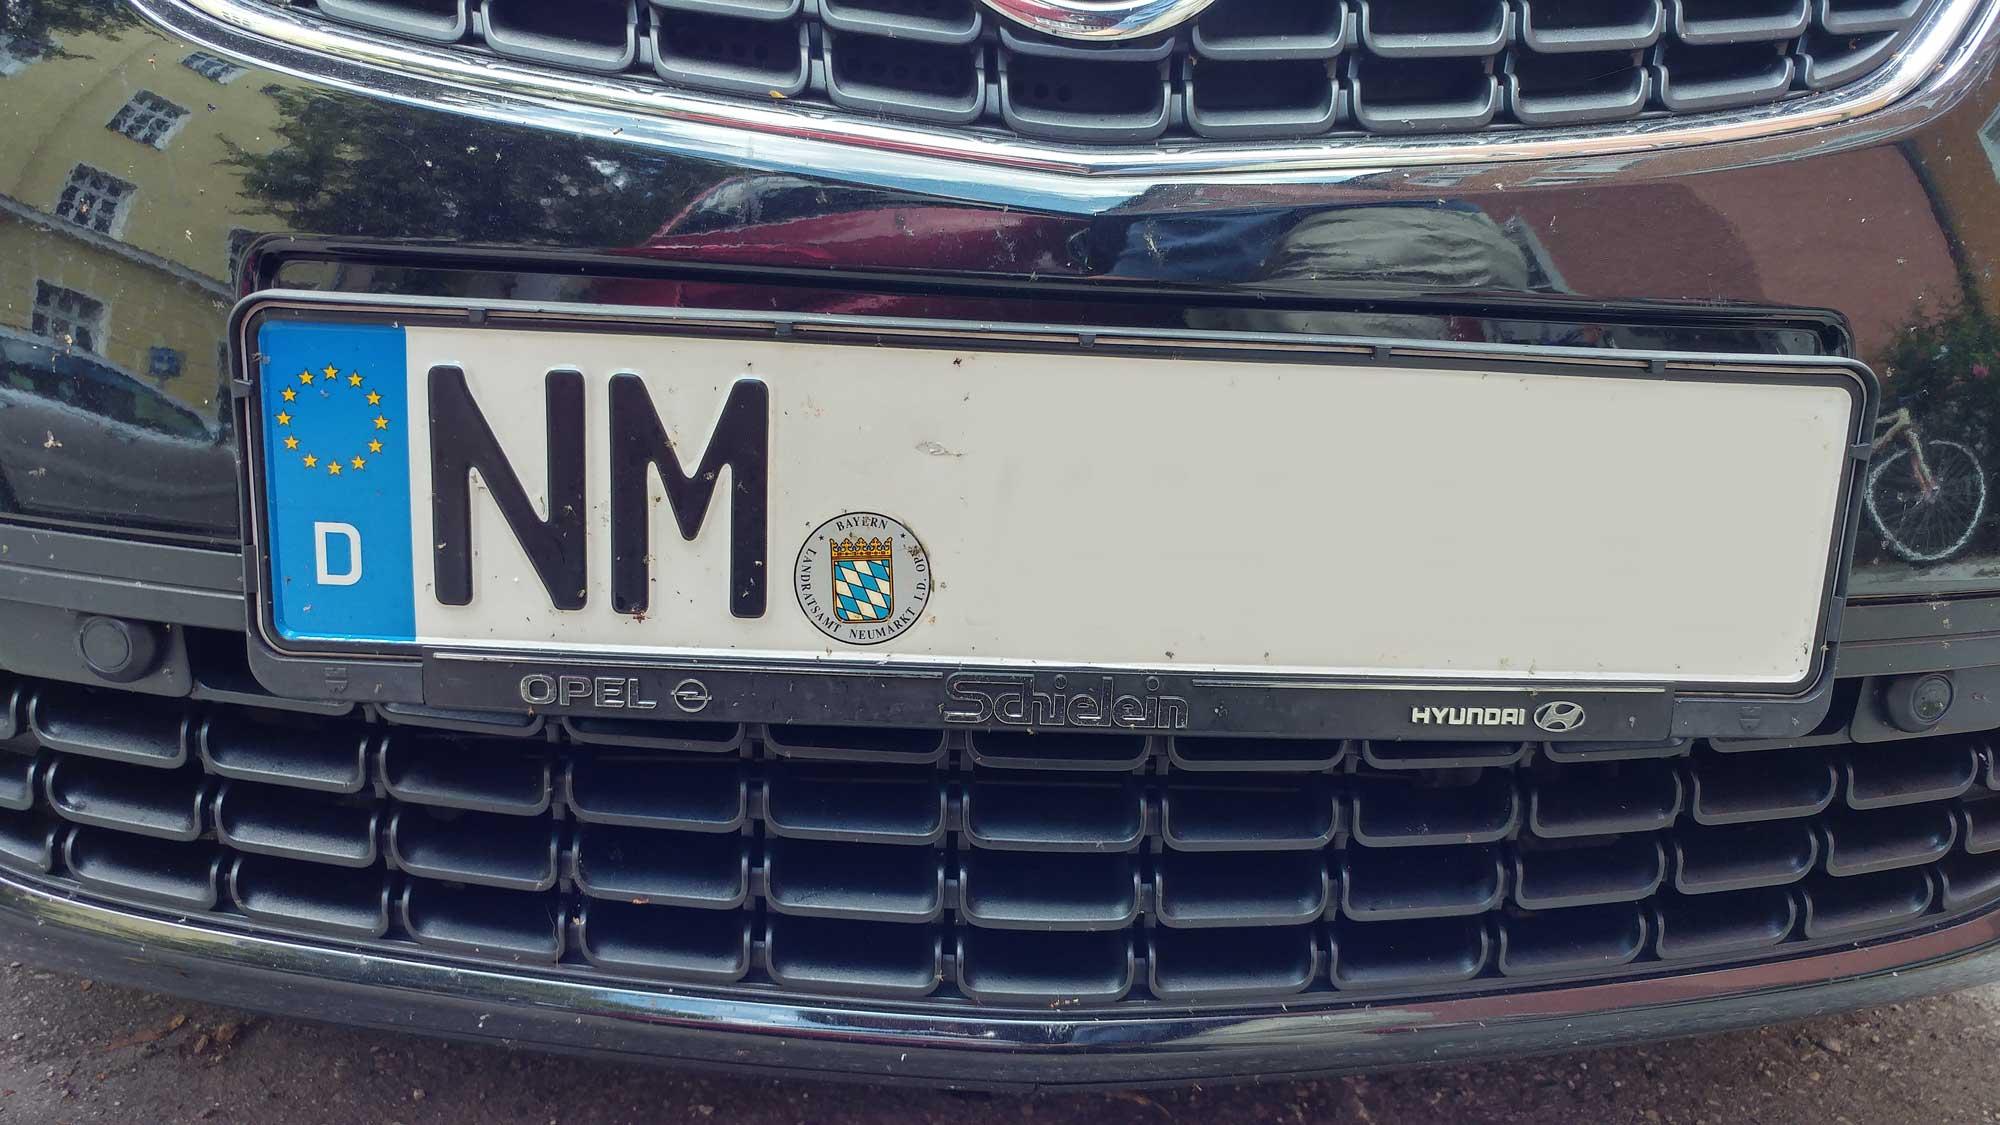 Kennzeichen Nm